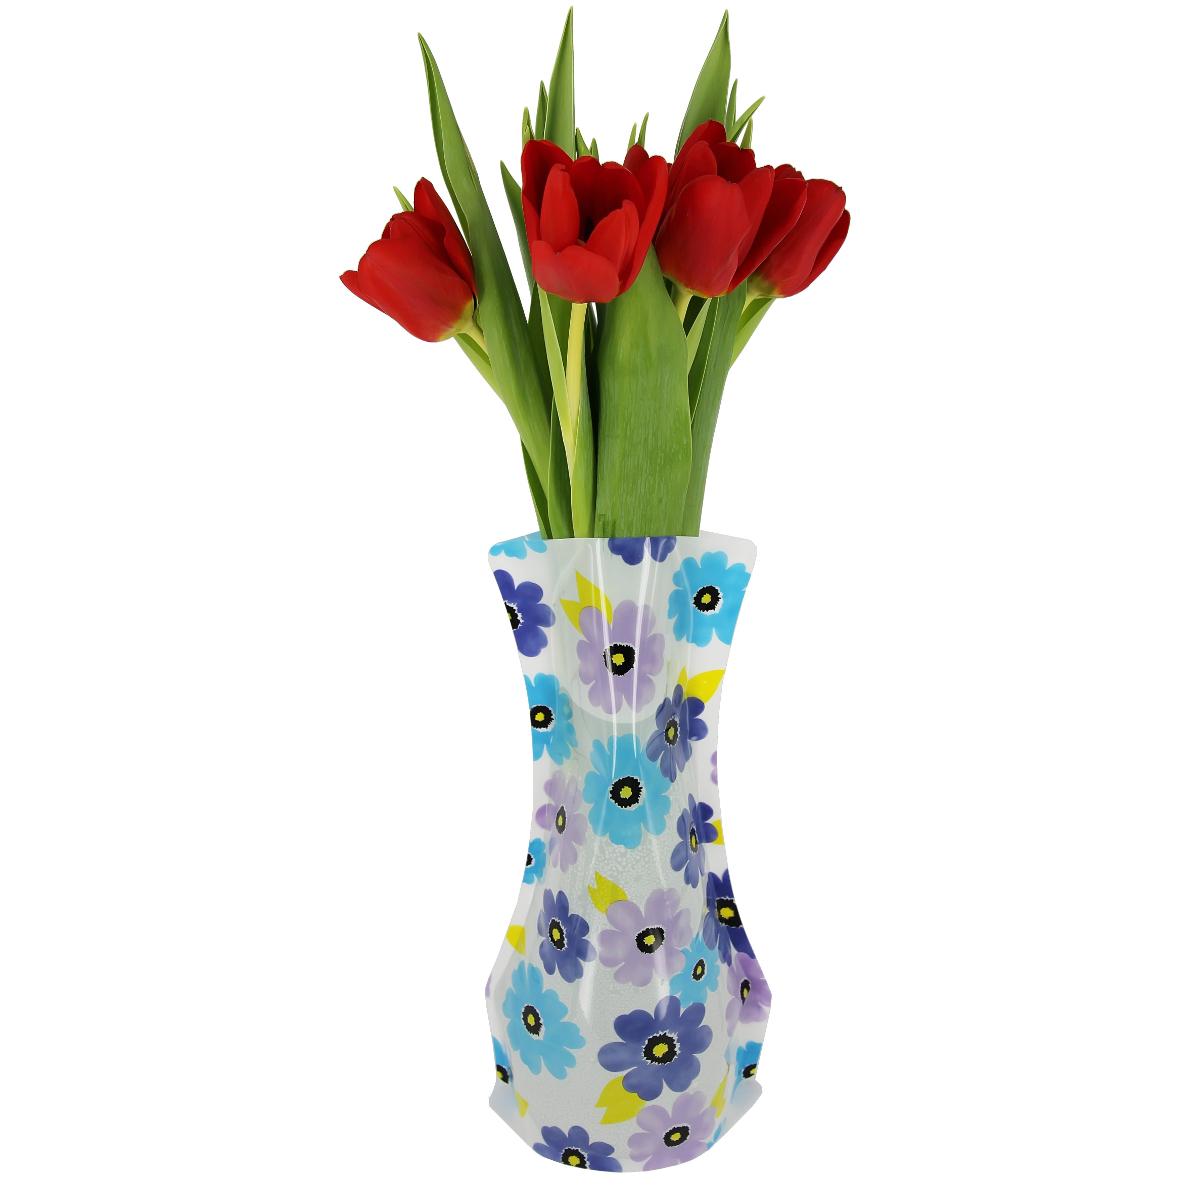 Ваза МастерПроф Сине-фиолетовые ромашки, пластичная, 1,2 лHS.040028Пластичная ваза Сине-фиолетовые ромашки легко складывается, удобно хранится - занимает мало места, долго служит. Всегда пригодится дома, в офисе, на даче, для оформления различных меропритятий. Отлично подойдет для перевозки цветов, или просто в подарок. Инструкция: 1. Наполните вазу теплой водой; 2. Дно и стенки расправятся; 3. Вылейте воду; 4. Наполните вазу холодной водой; 5. Вставьте цветы. Меры предосторожности: Хранить вдали от источников тепла и яркого солнечного света. С осторожностью применять для растений с длинными стеблями и с крупными соцветиями, что бы избежать опрокидывания вазы.